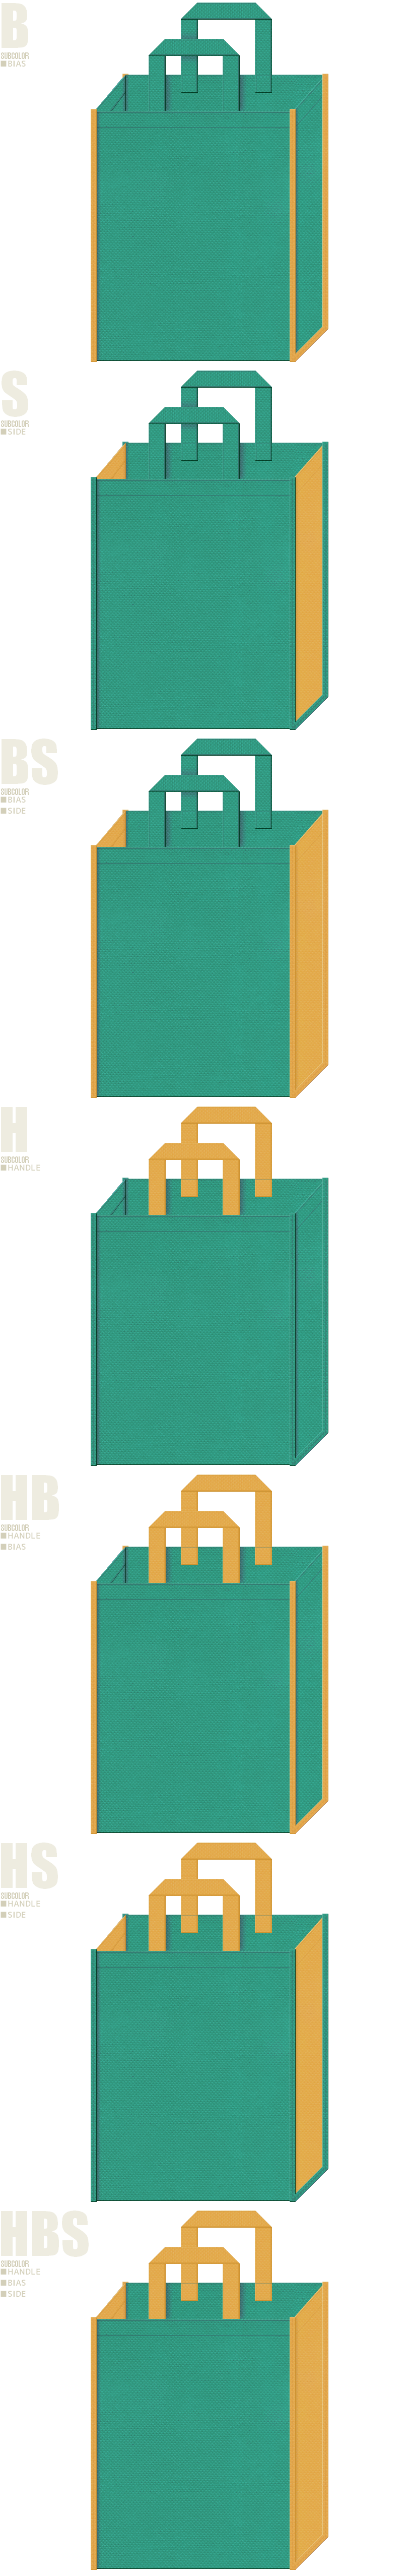 青緑色と黄土色、7パターンの不織布トートバッグ配色デザイン例。